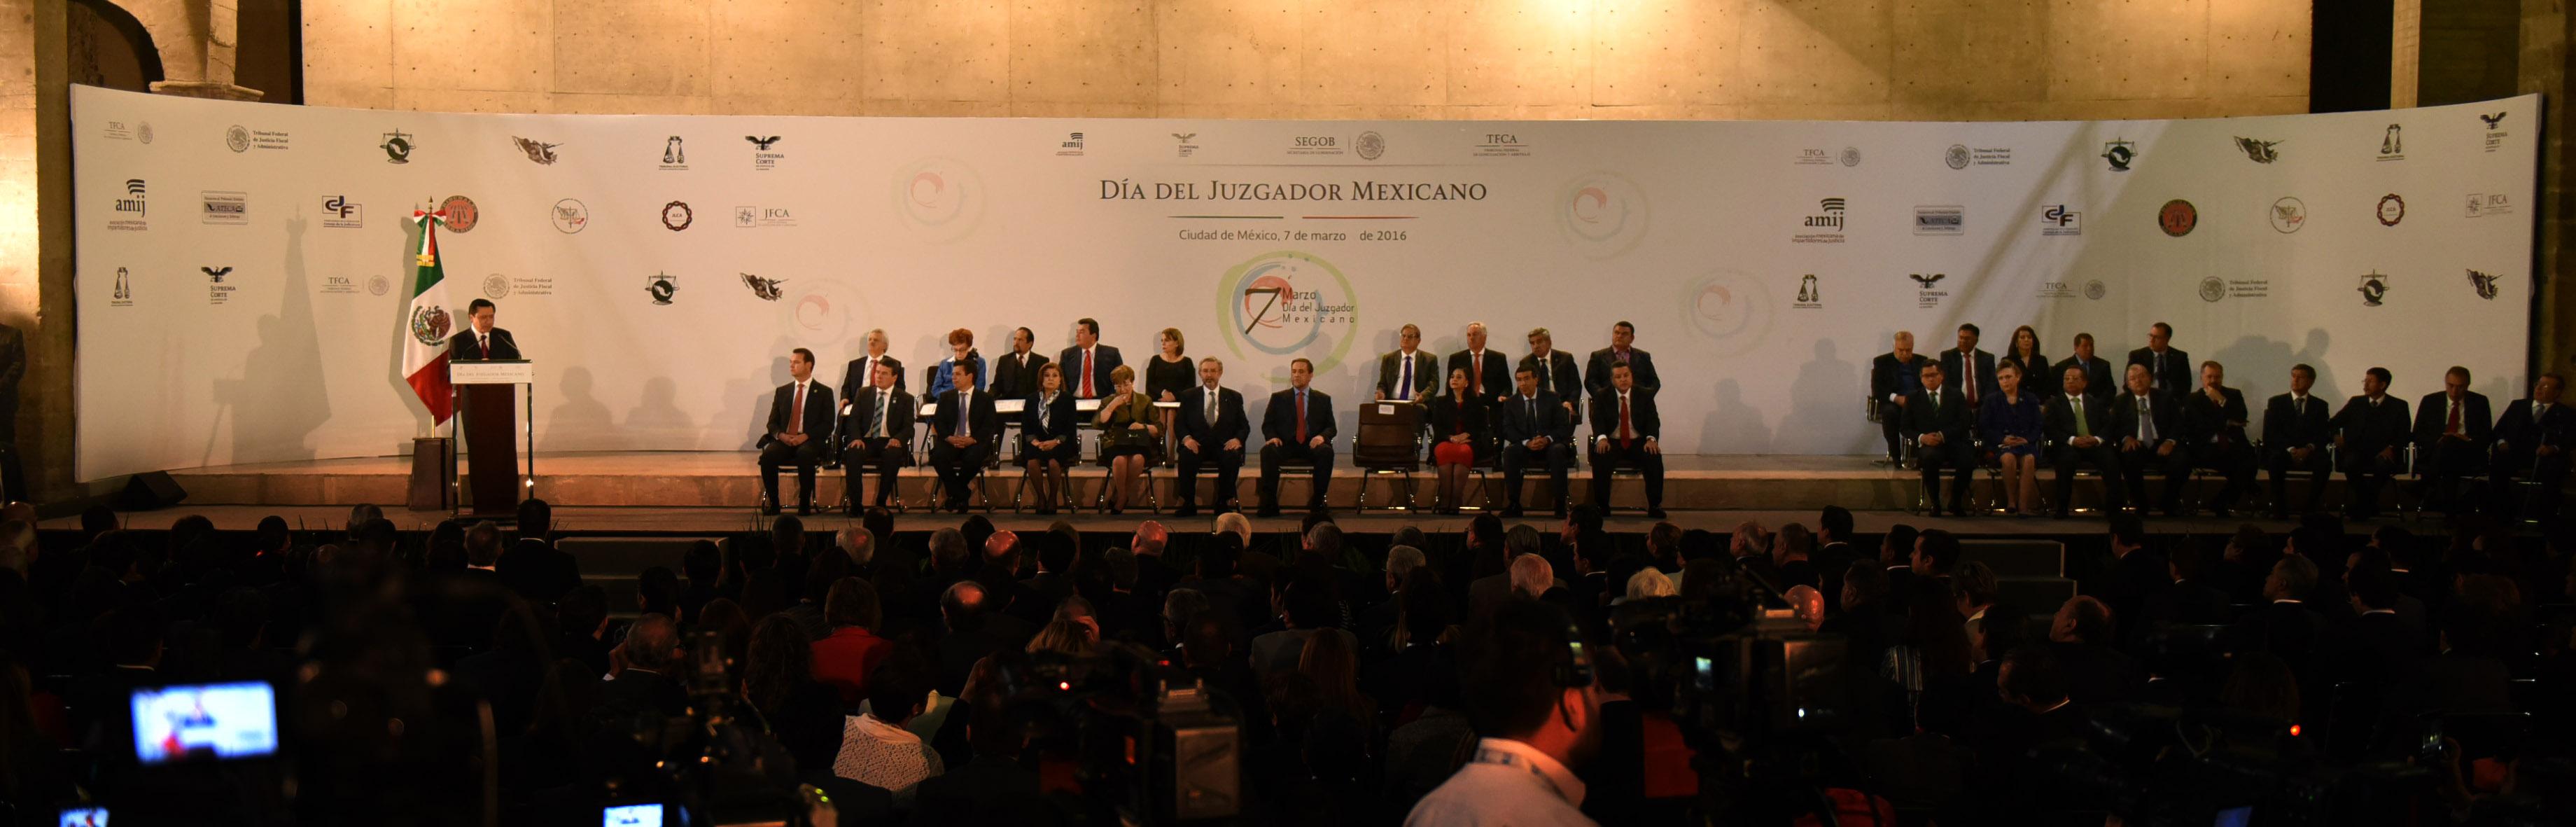 Encabezó la ceremonia del Día del Juzgador Mexicano